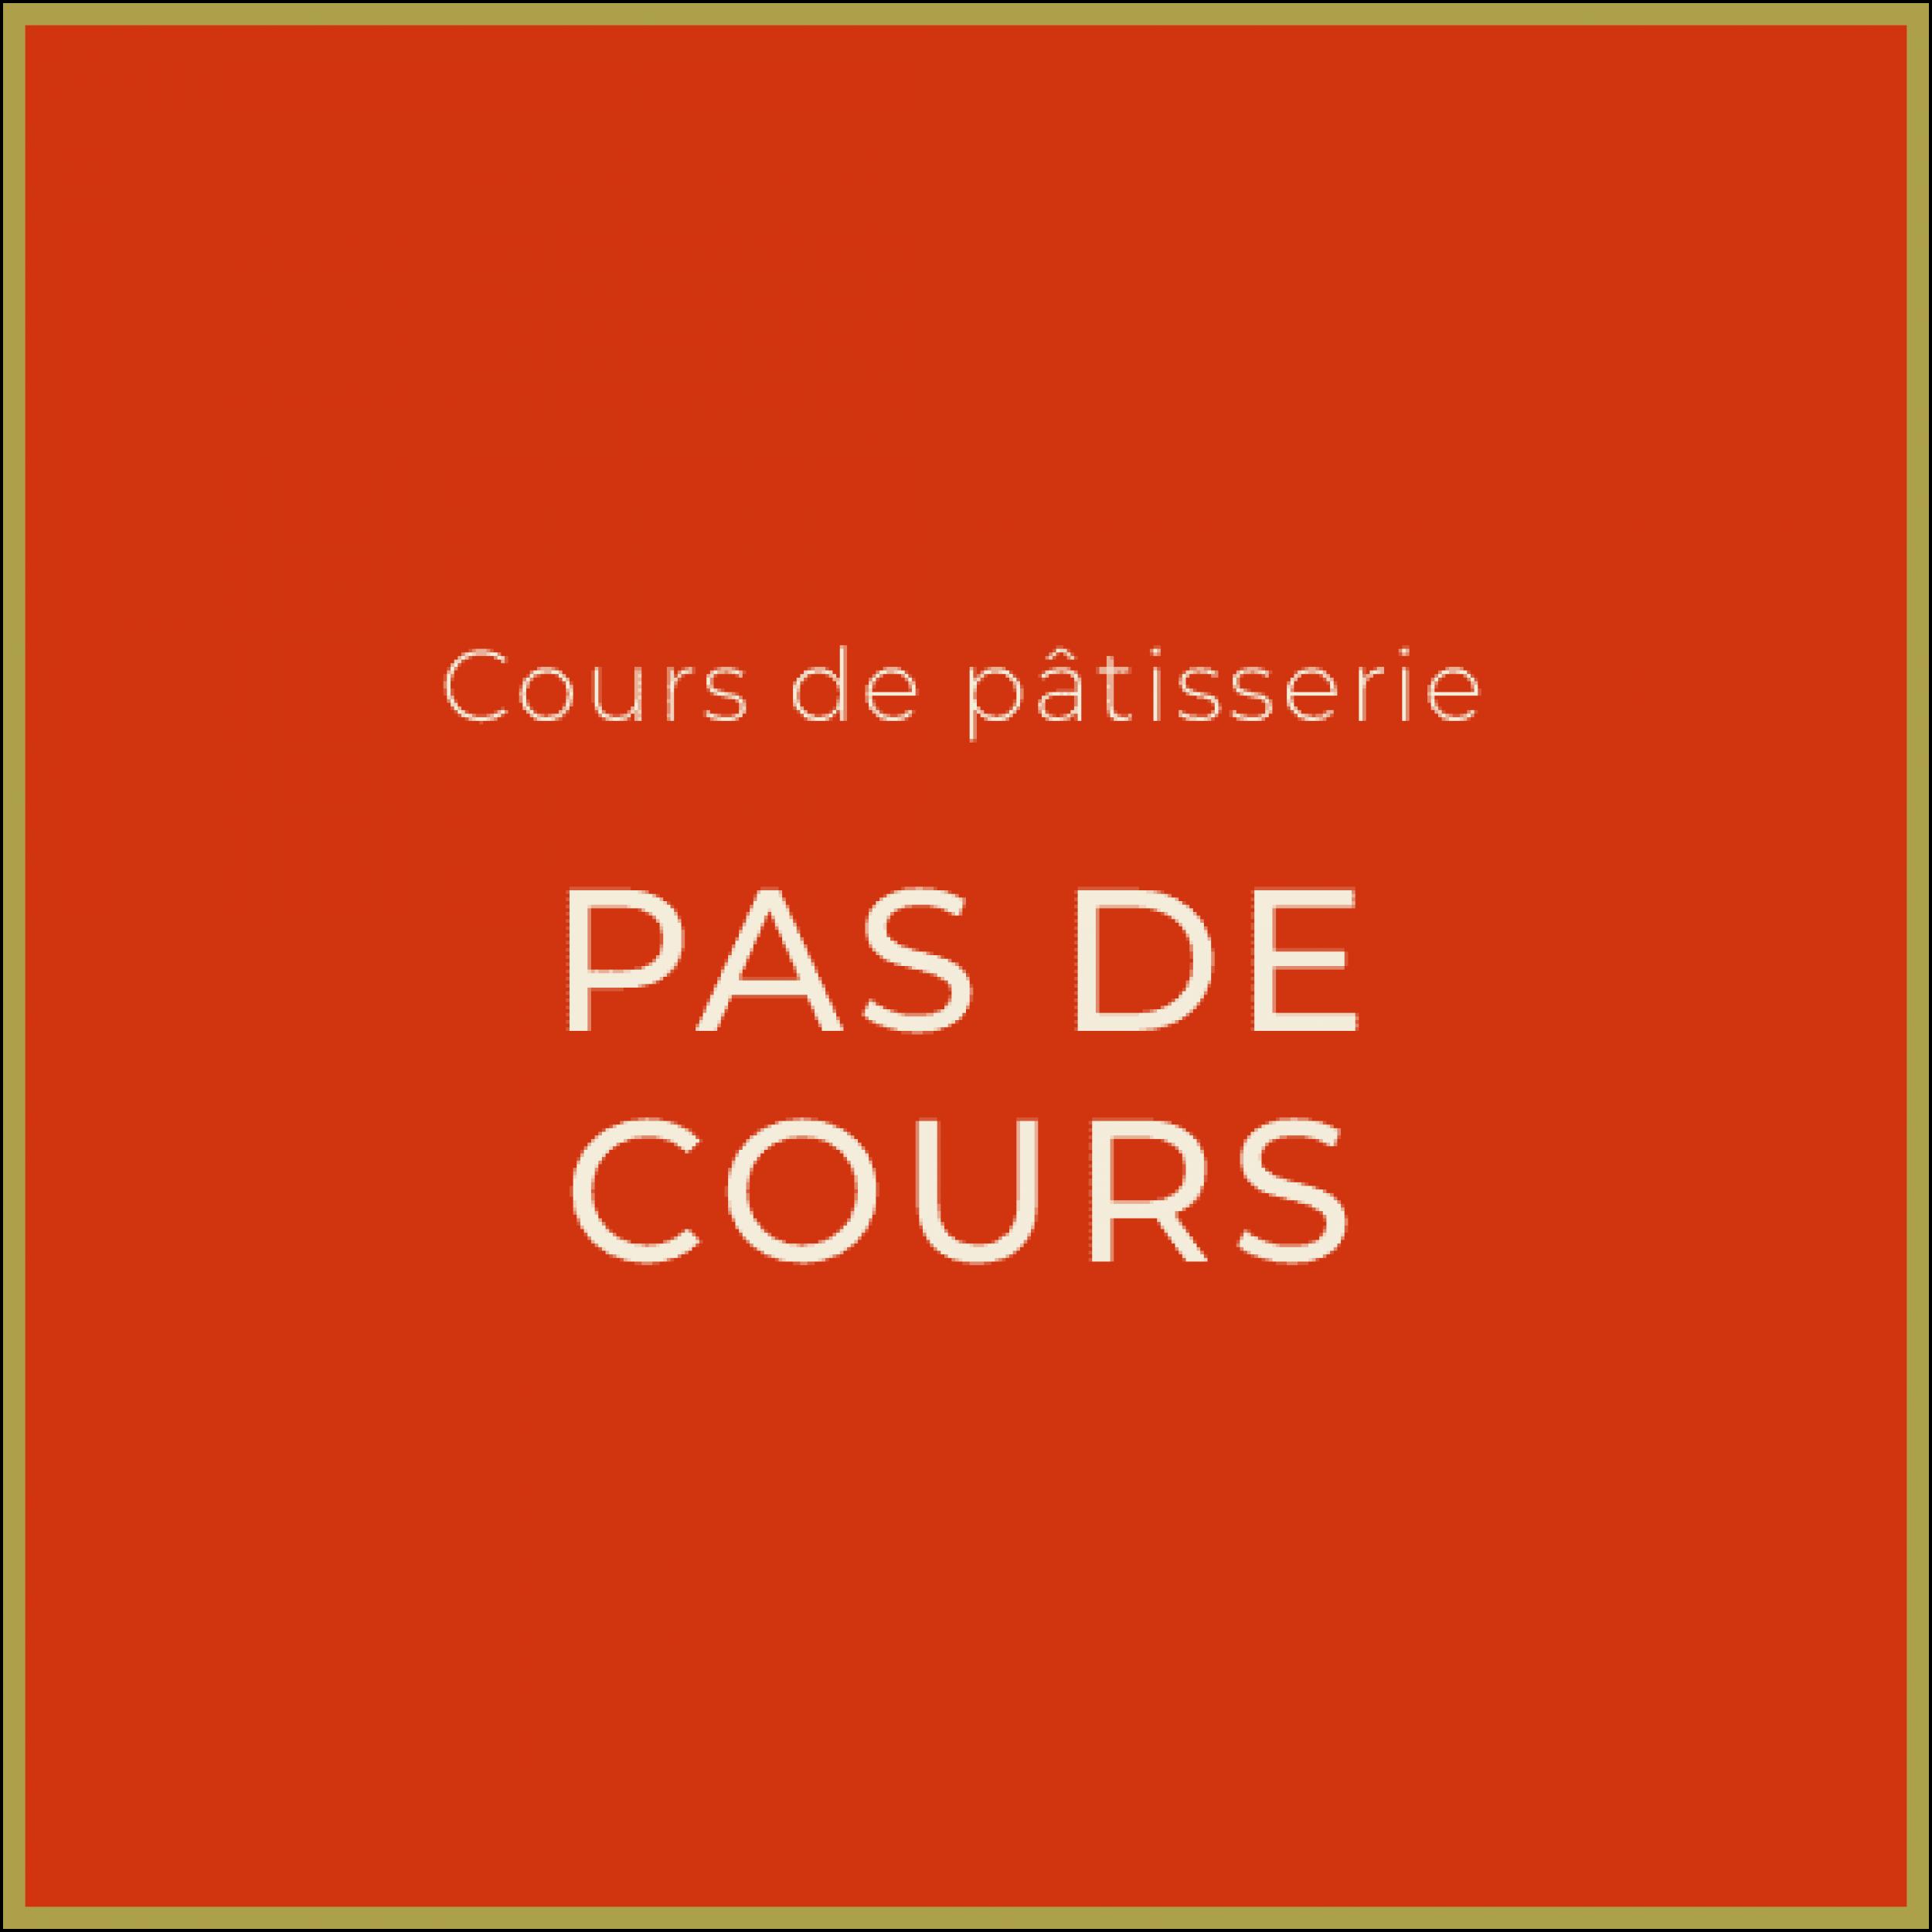 CoursPatisserie PASDECOURS